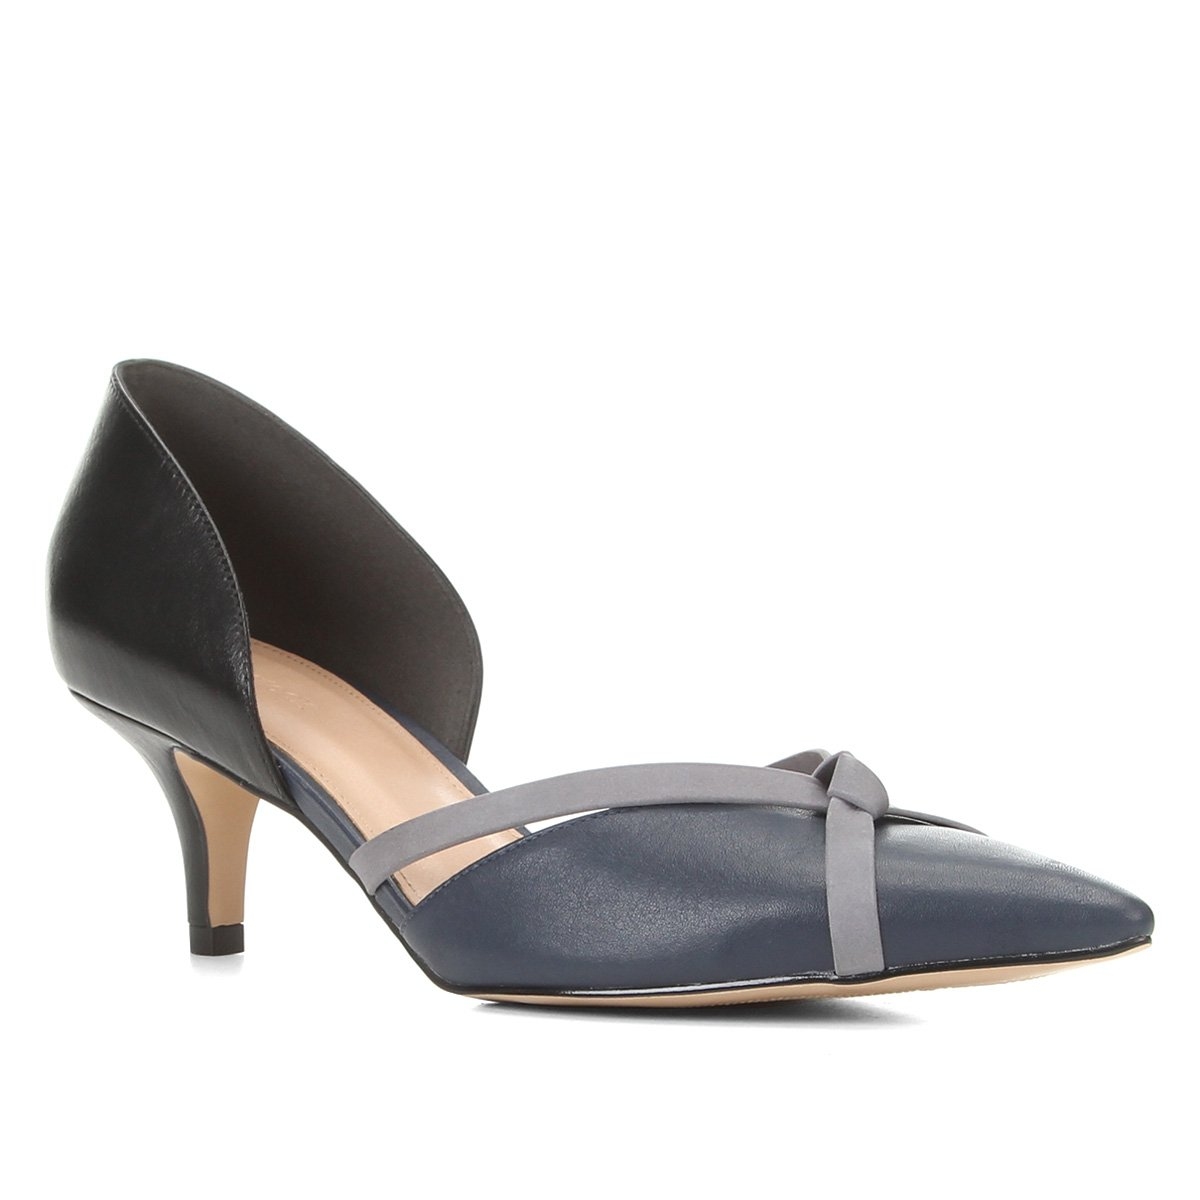 Scarpin Couro Shoestock Salto Médio Tiras